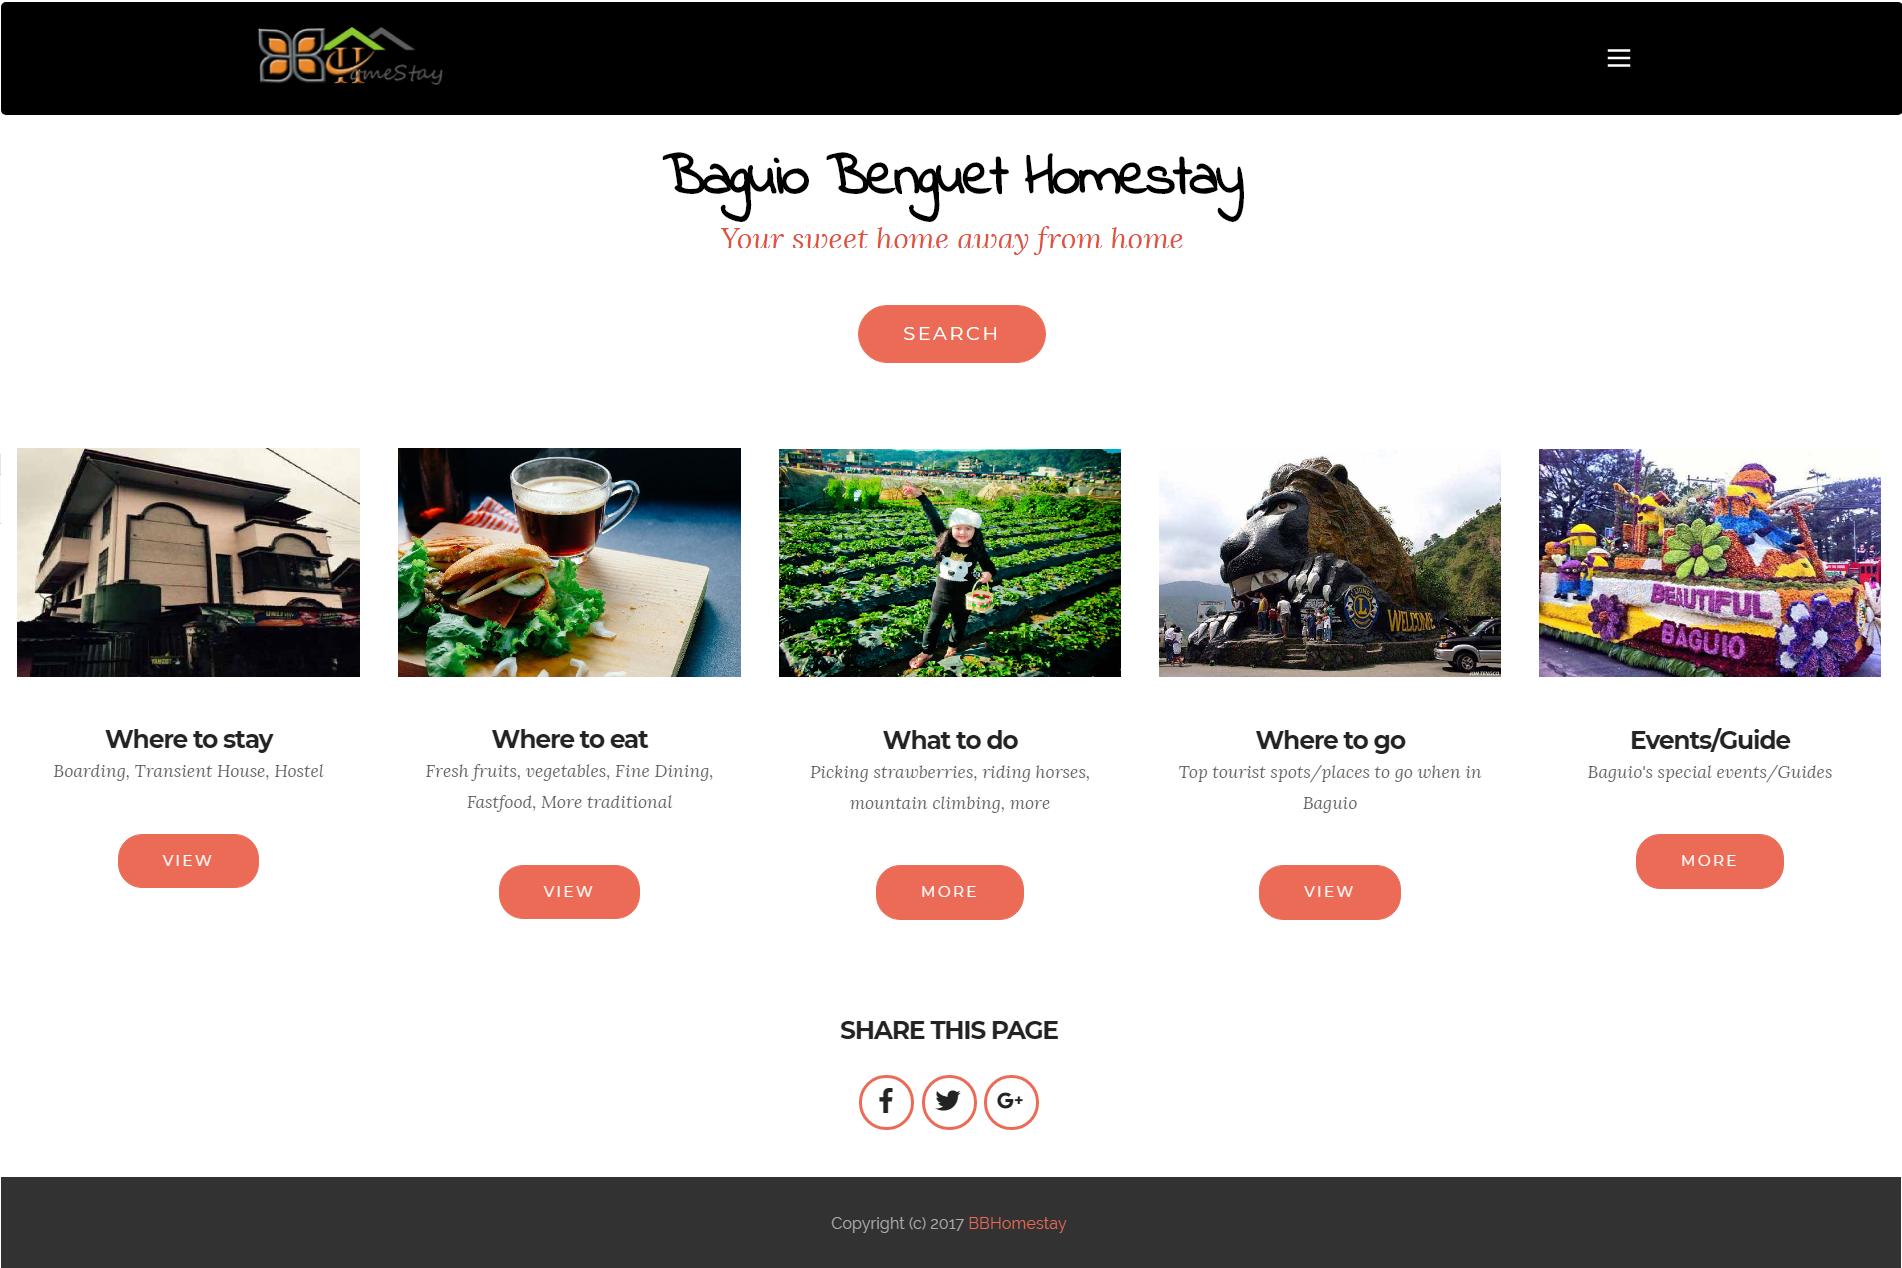 Baguio Benguet Homestay